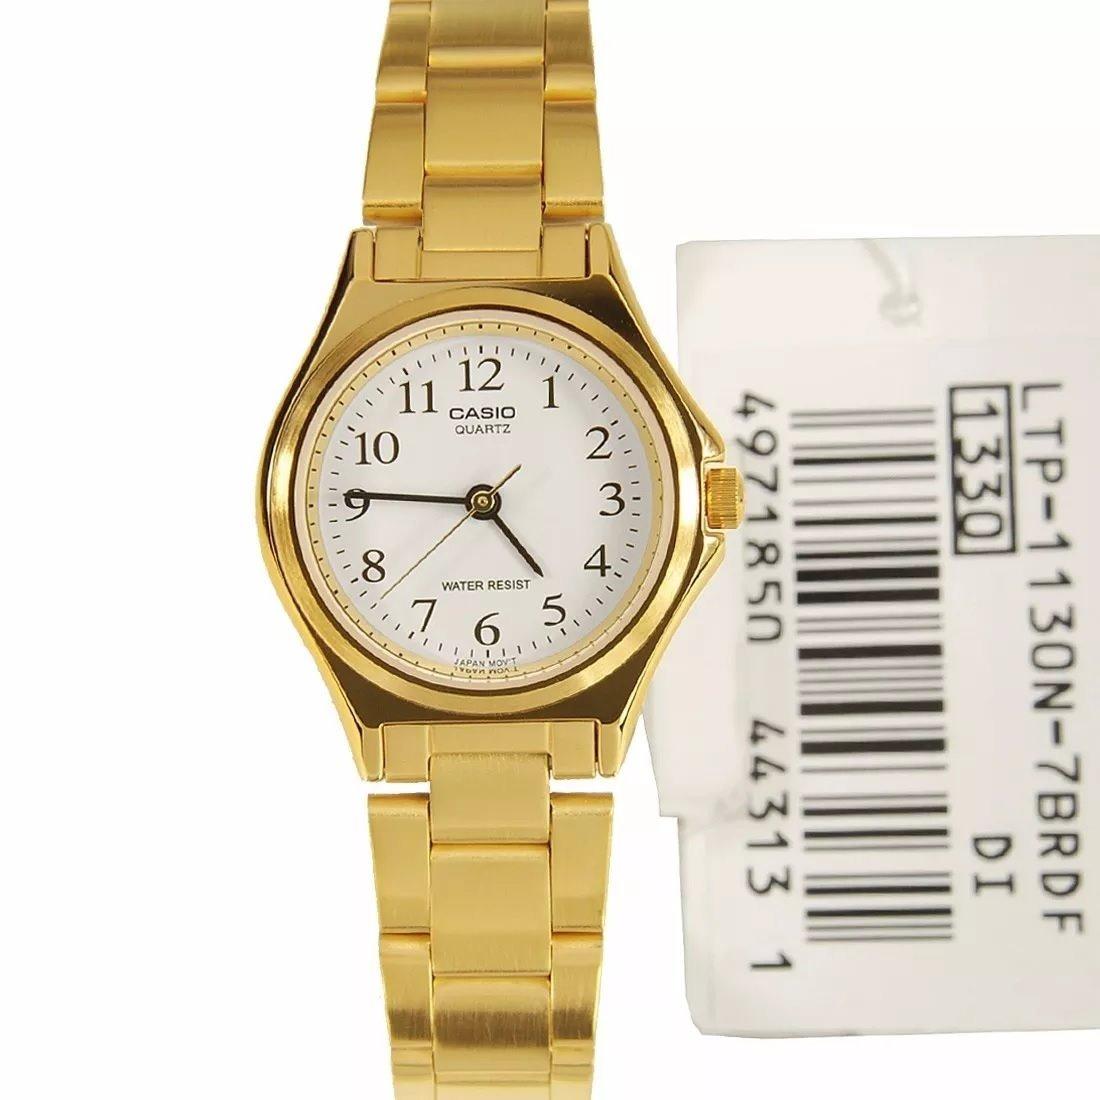 33800dcb42f relogio casio ltp 1130n-7 feminino dourado analógico clássic. Carregando  zoom.